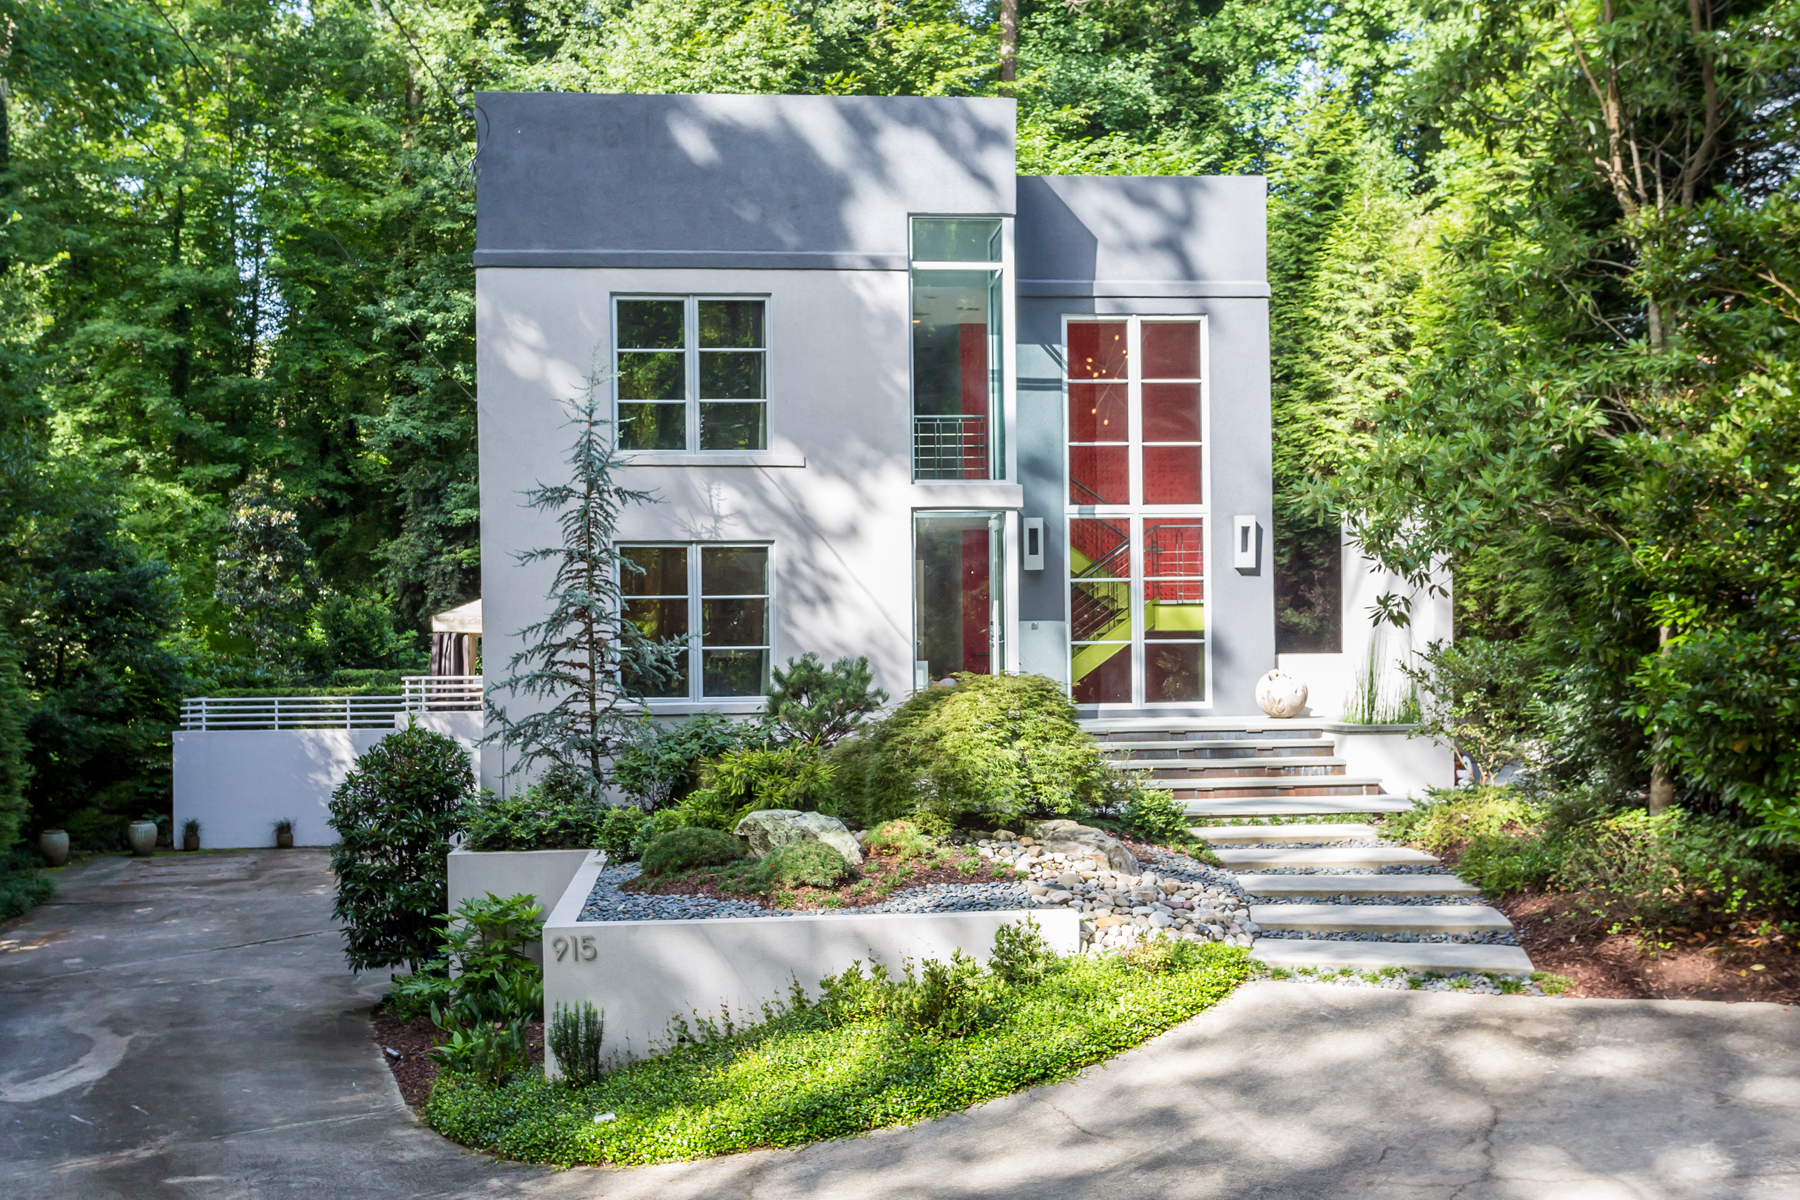 一戸建て のために 売買 アット Exceptional Morningside Modern Home 915 Cumberland Road NE Morningside, Atlanta, ジョージア 30306 アメリカ合衆国